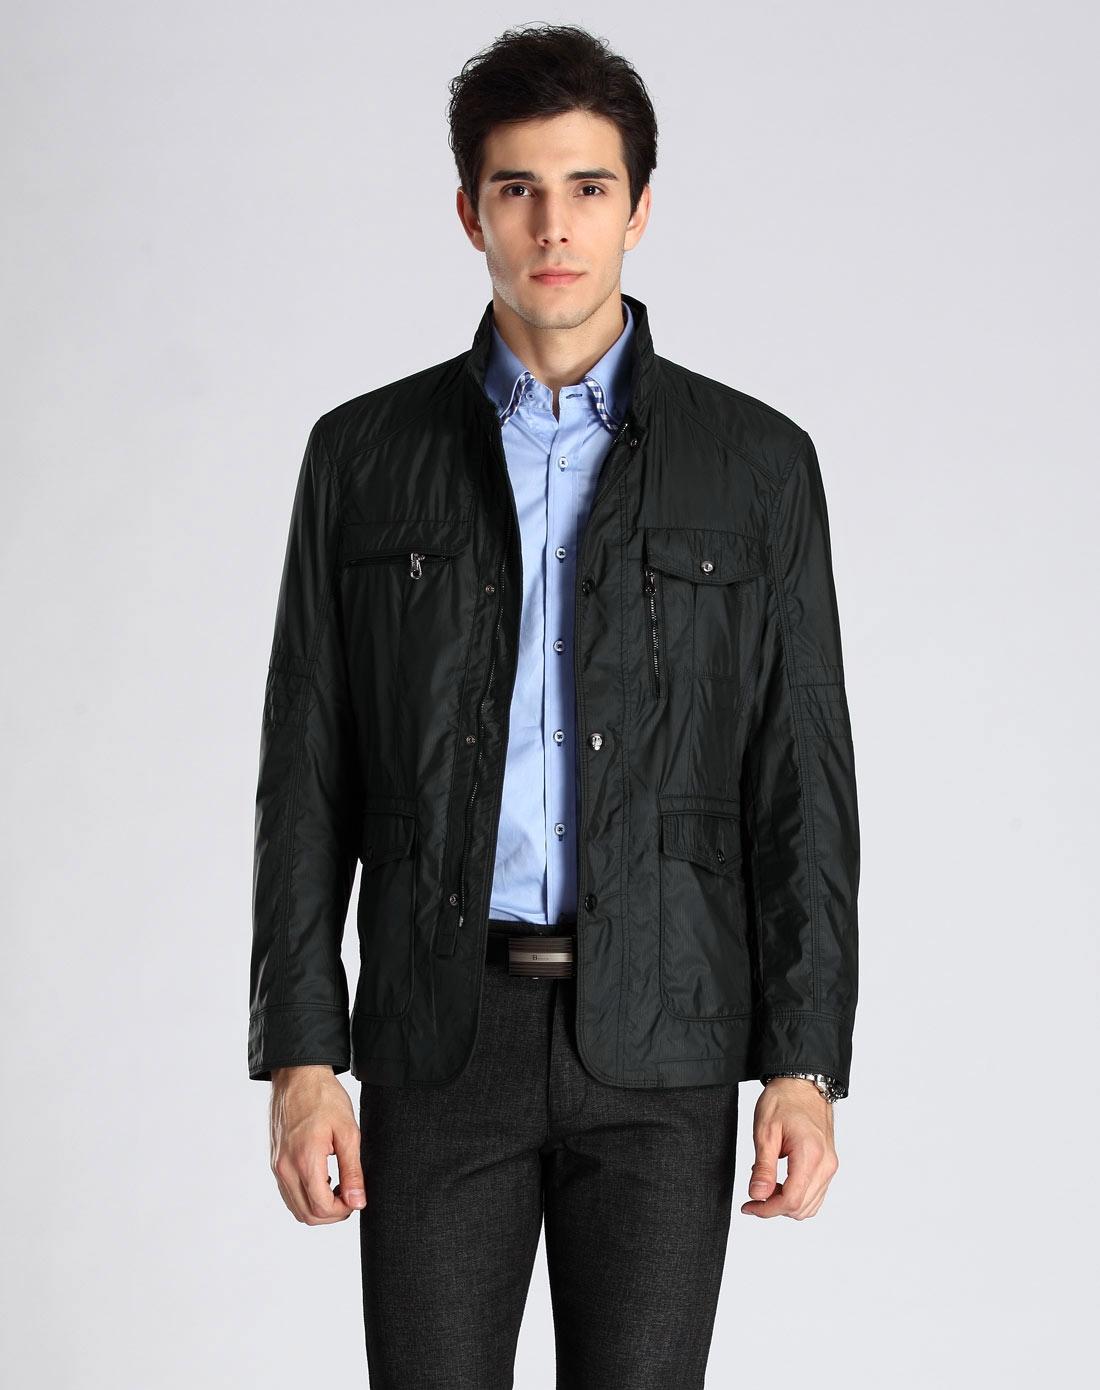 黑色牛仔夹克男士秋冬款修身韩价格质量 哪个牌子比较